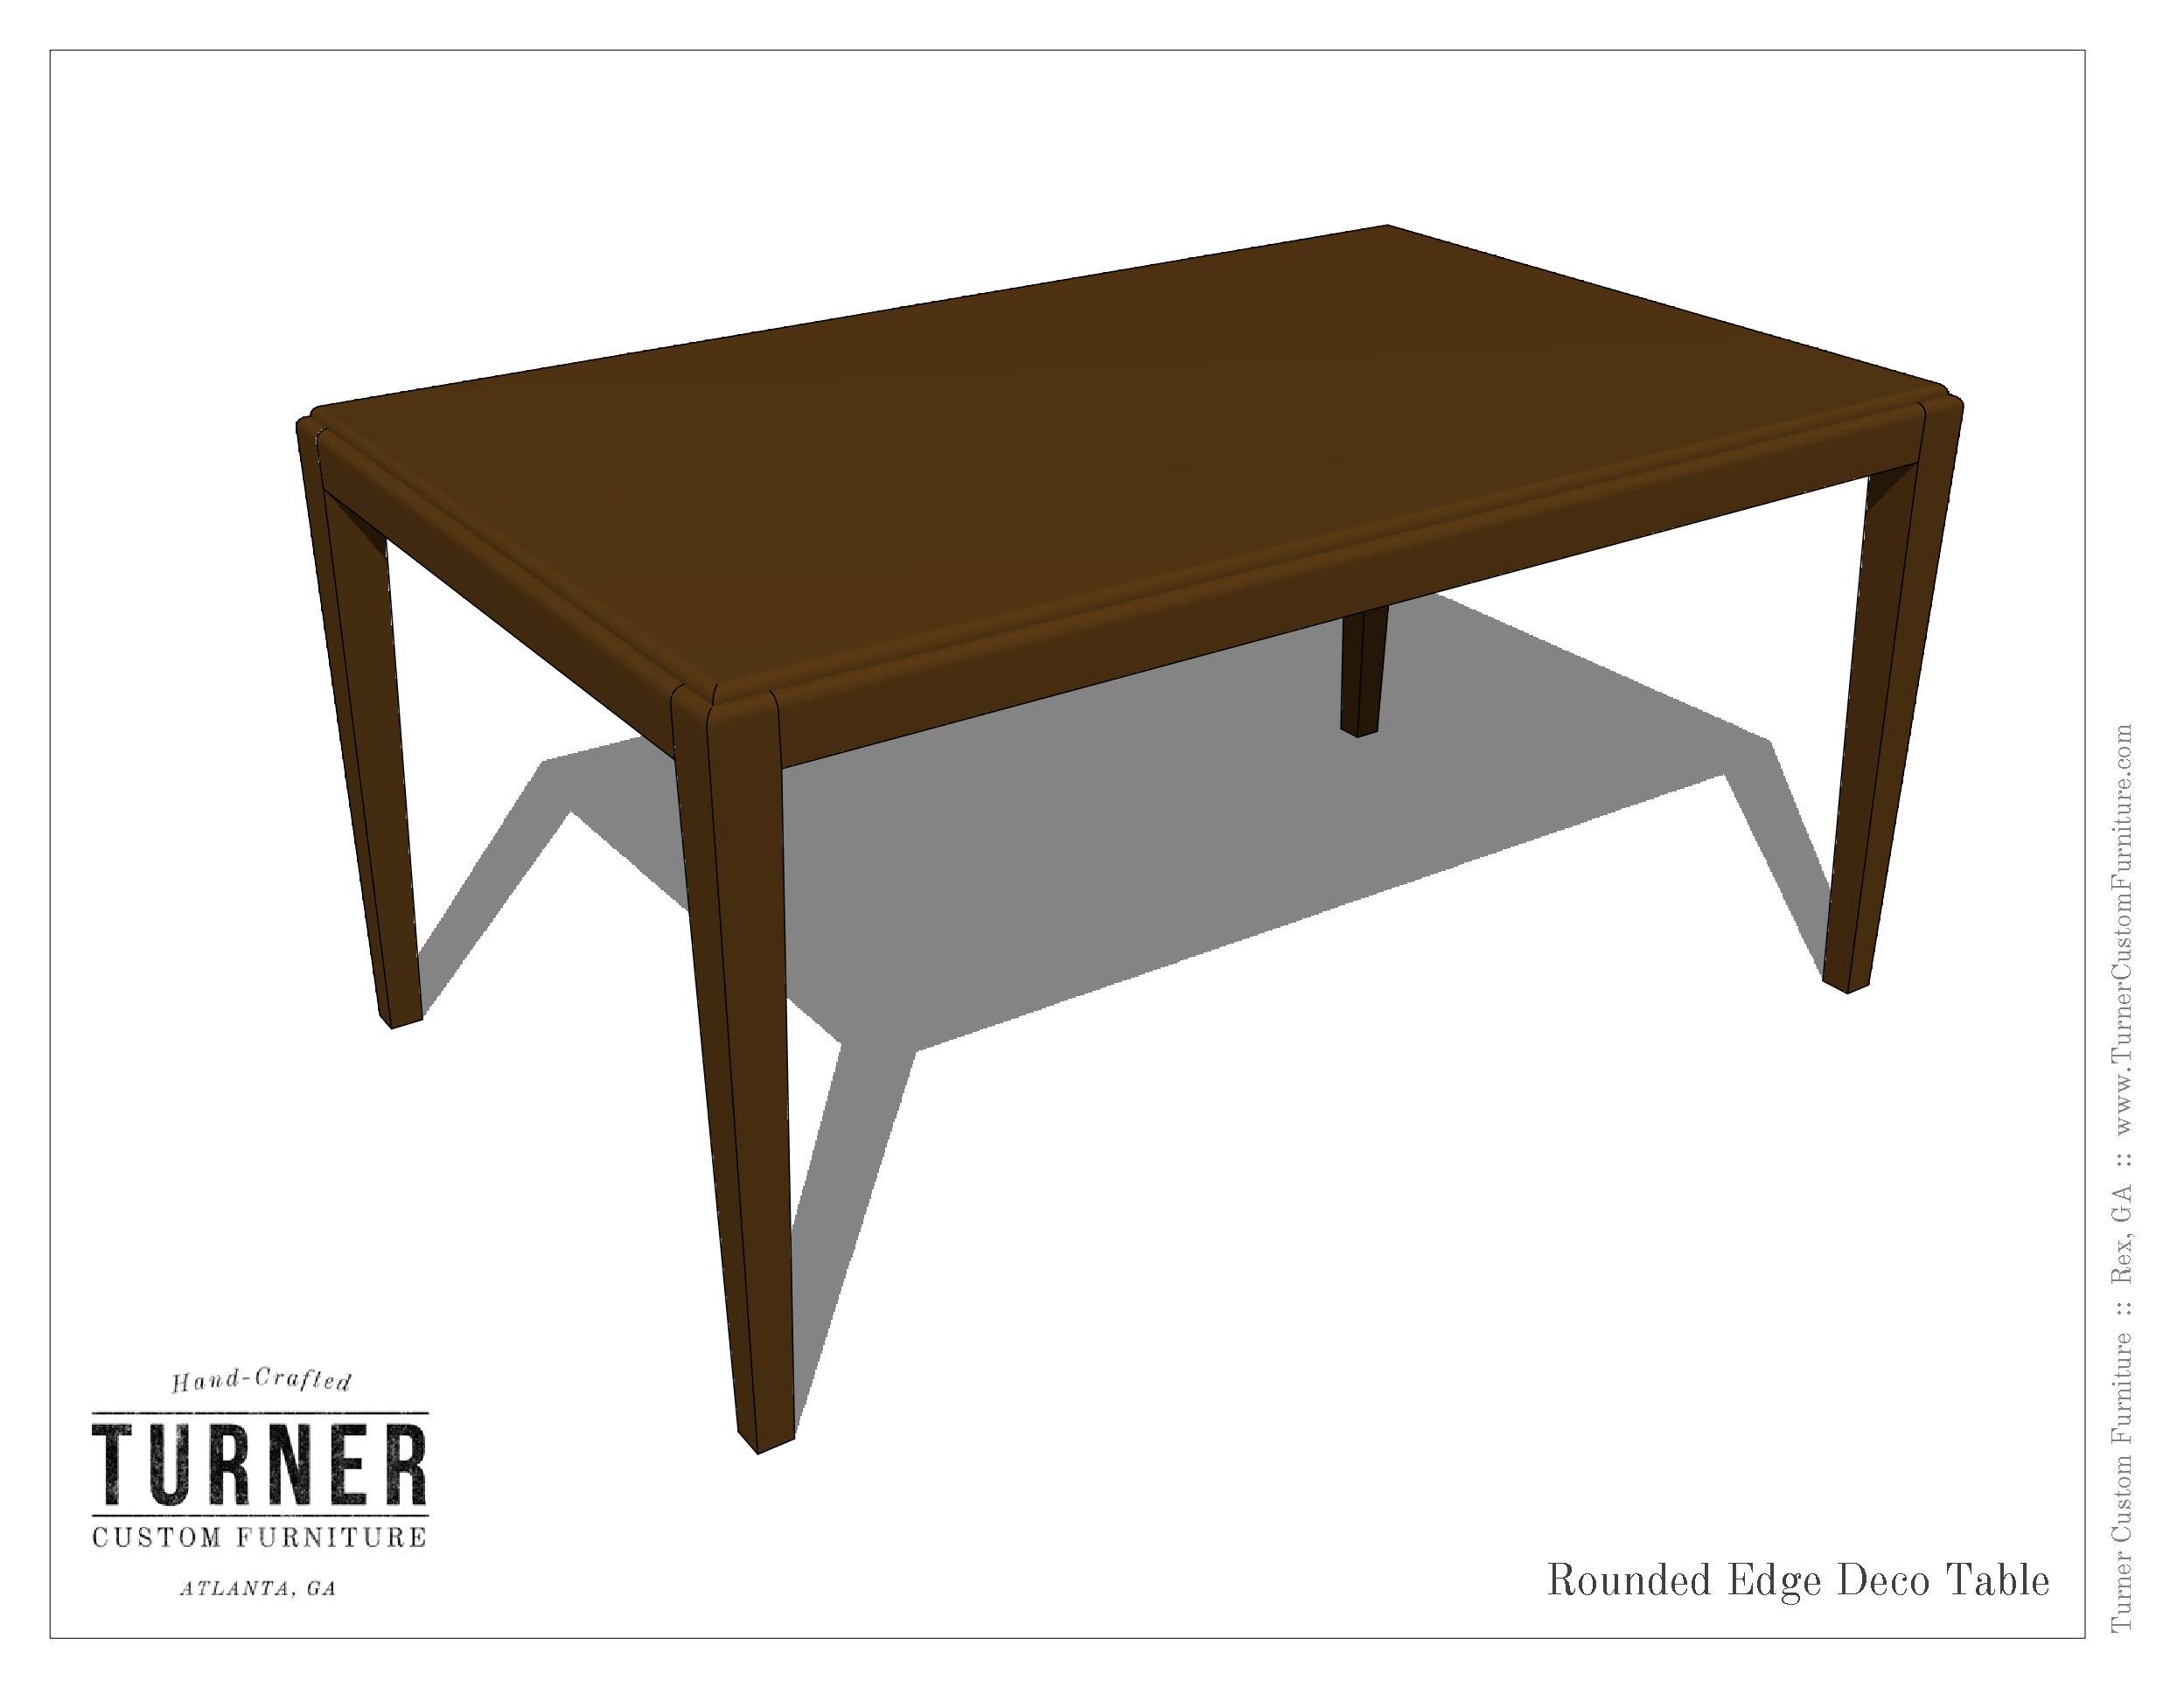 Table Builder_04.jpg